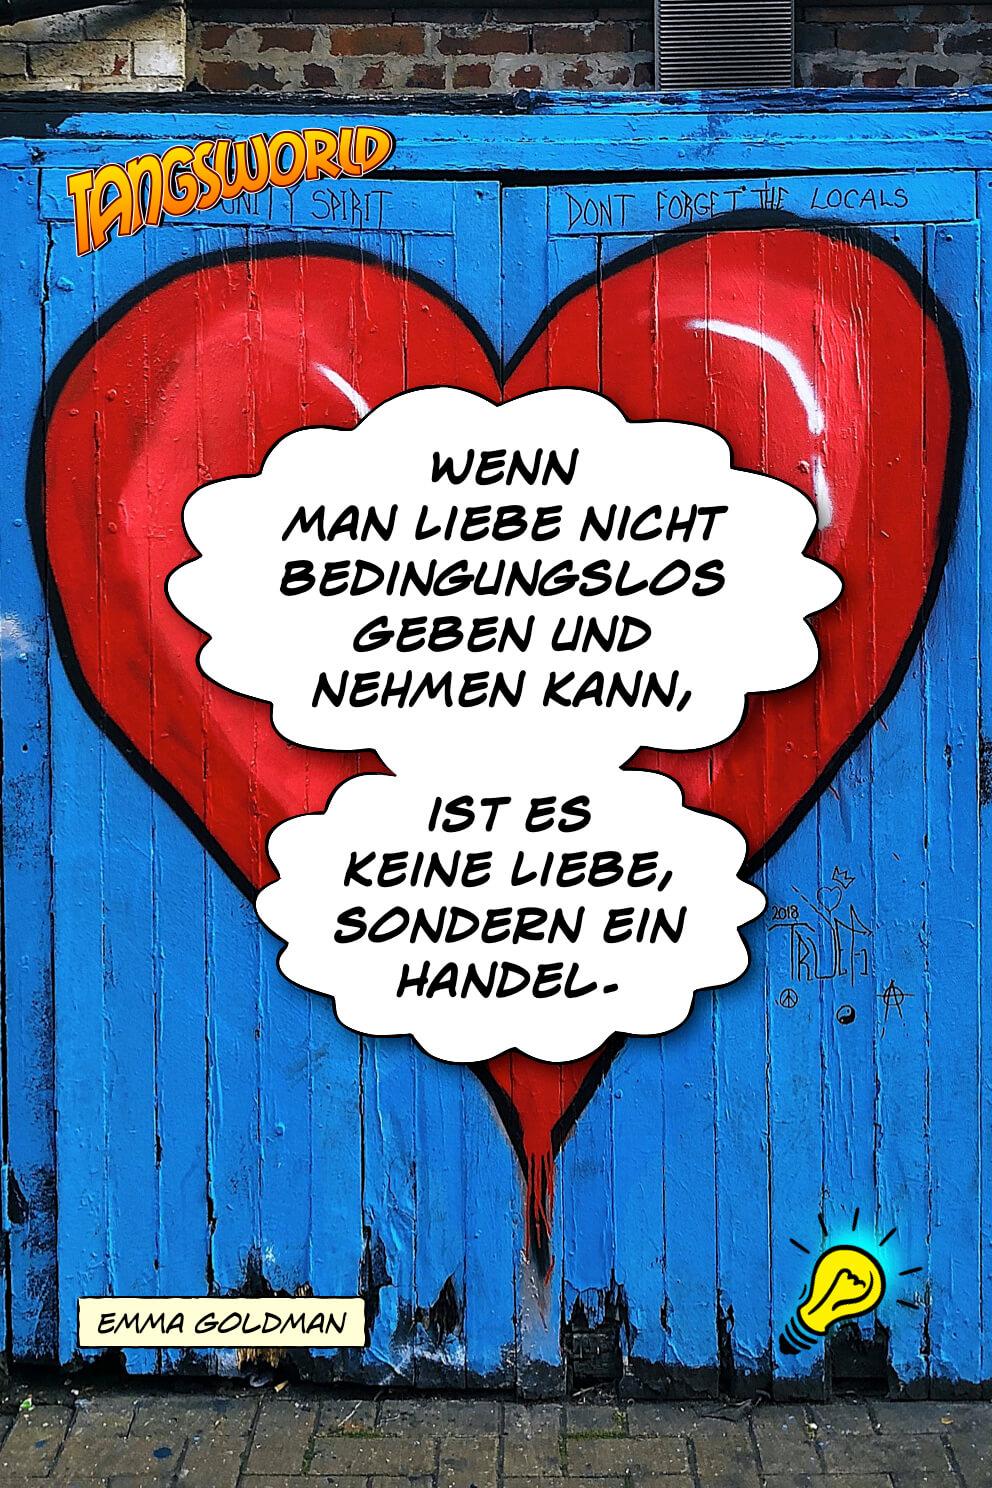 Wenn man Liebe nicht bedingungslos geben und nehmen kann, ist es keine Liebe, sondern ein Handel. - Geistesblitze | Emma Goldman